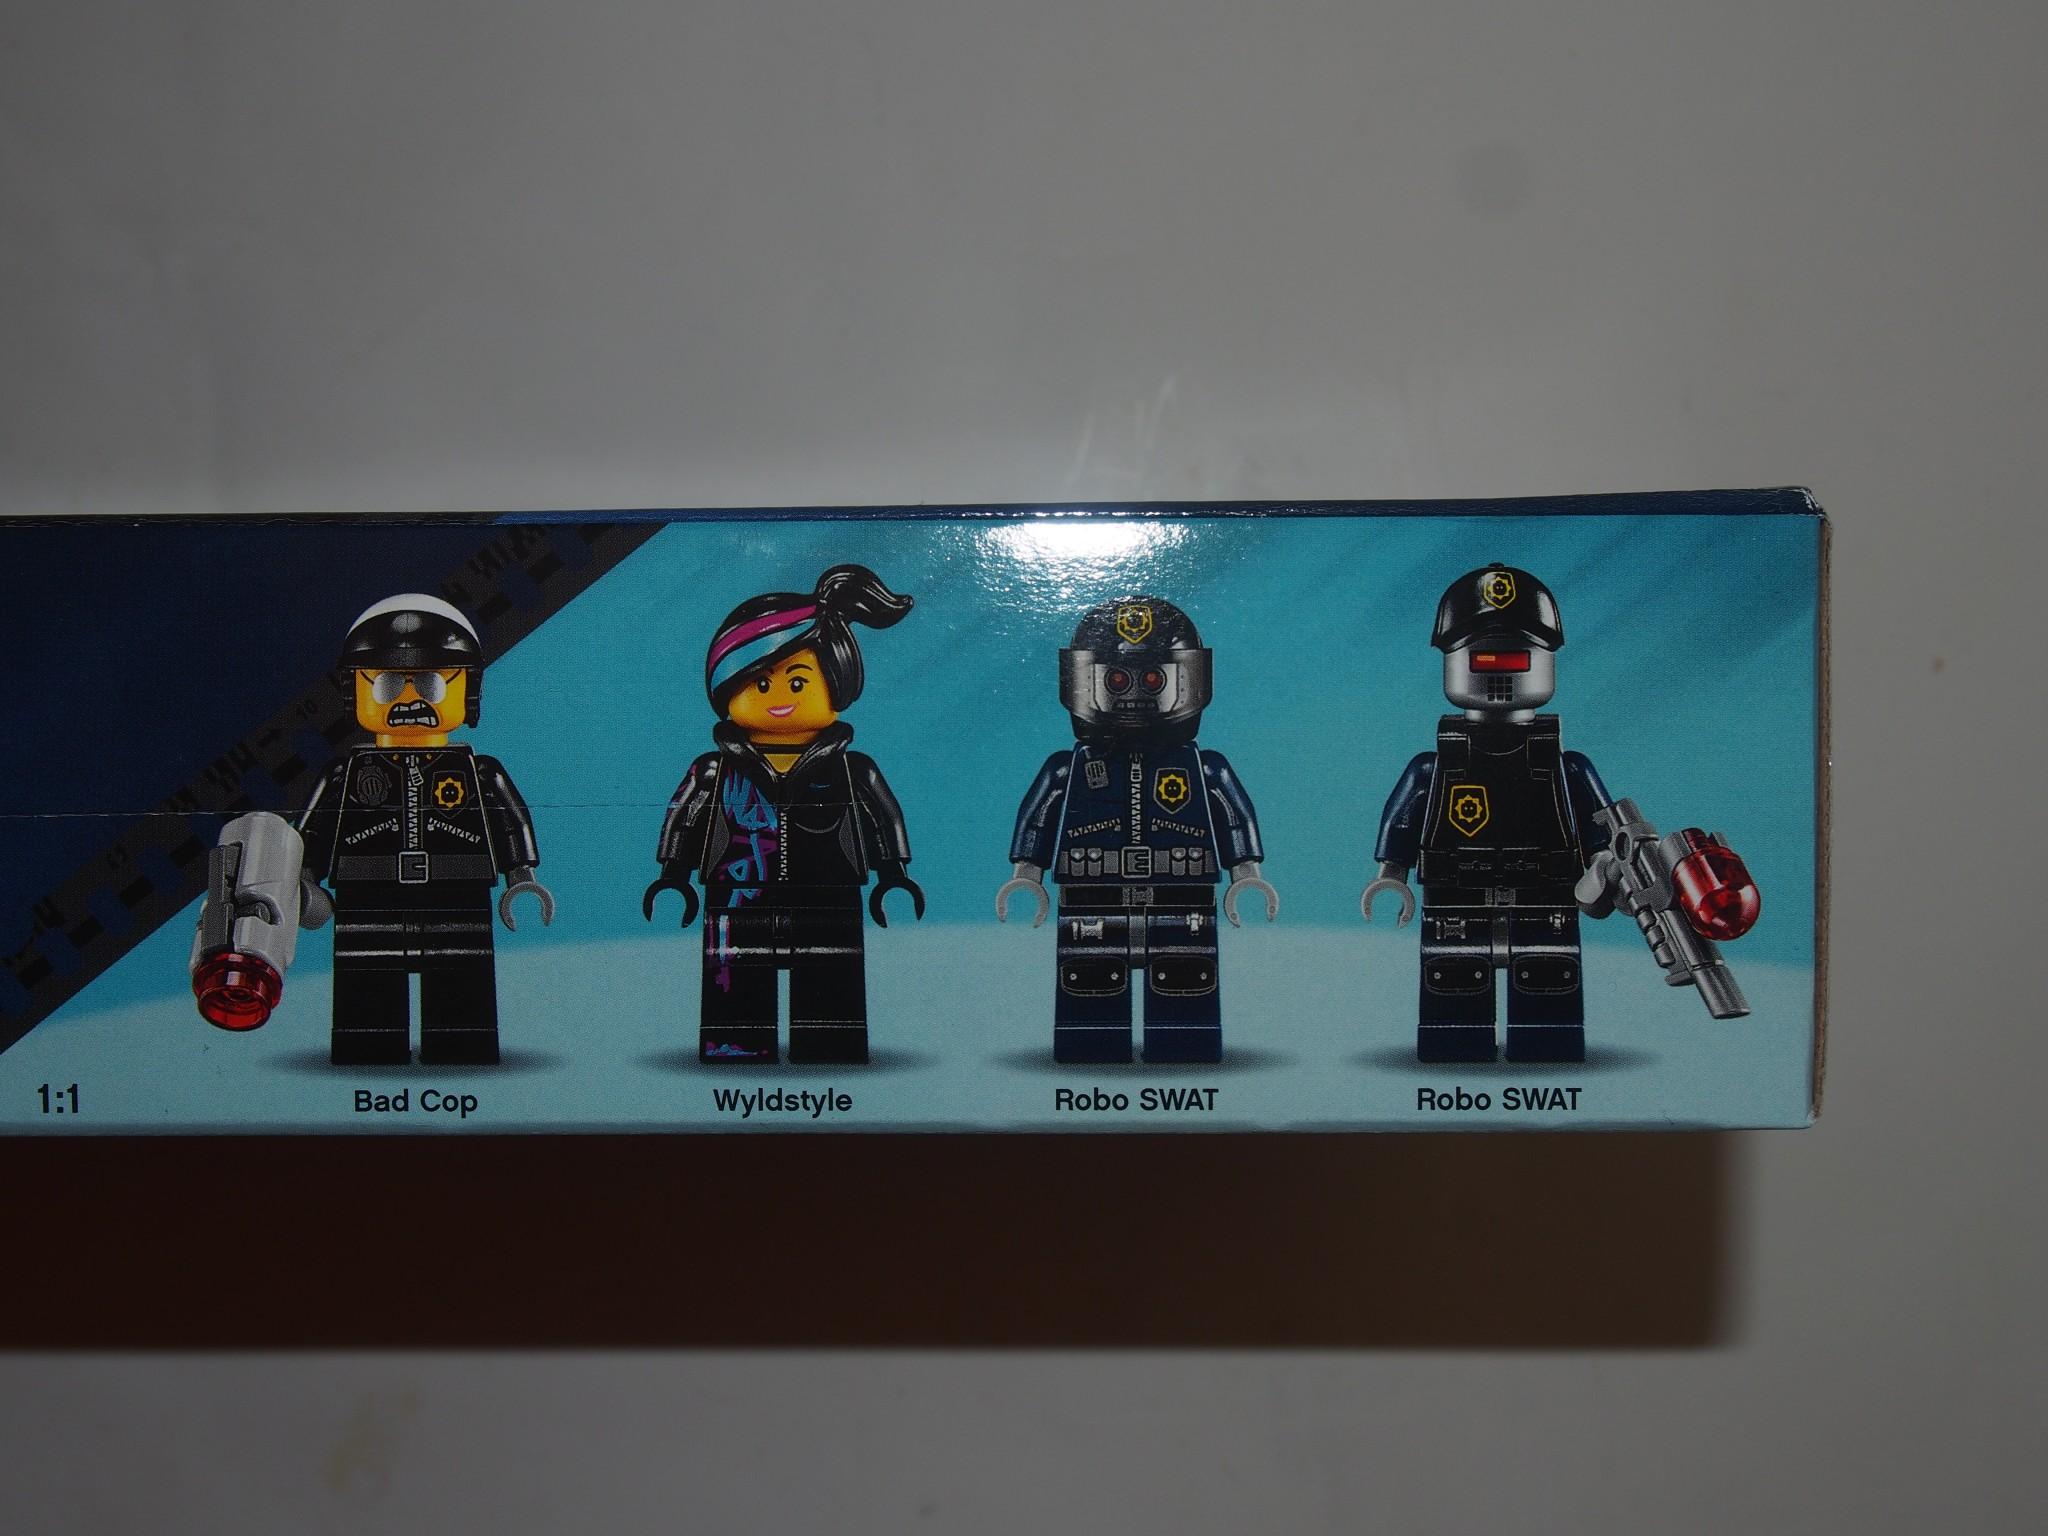 Méchant Flicref Lego The MovieLa Poursuit Course De uT1cJl3FK